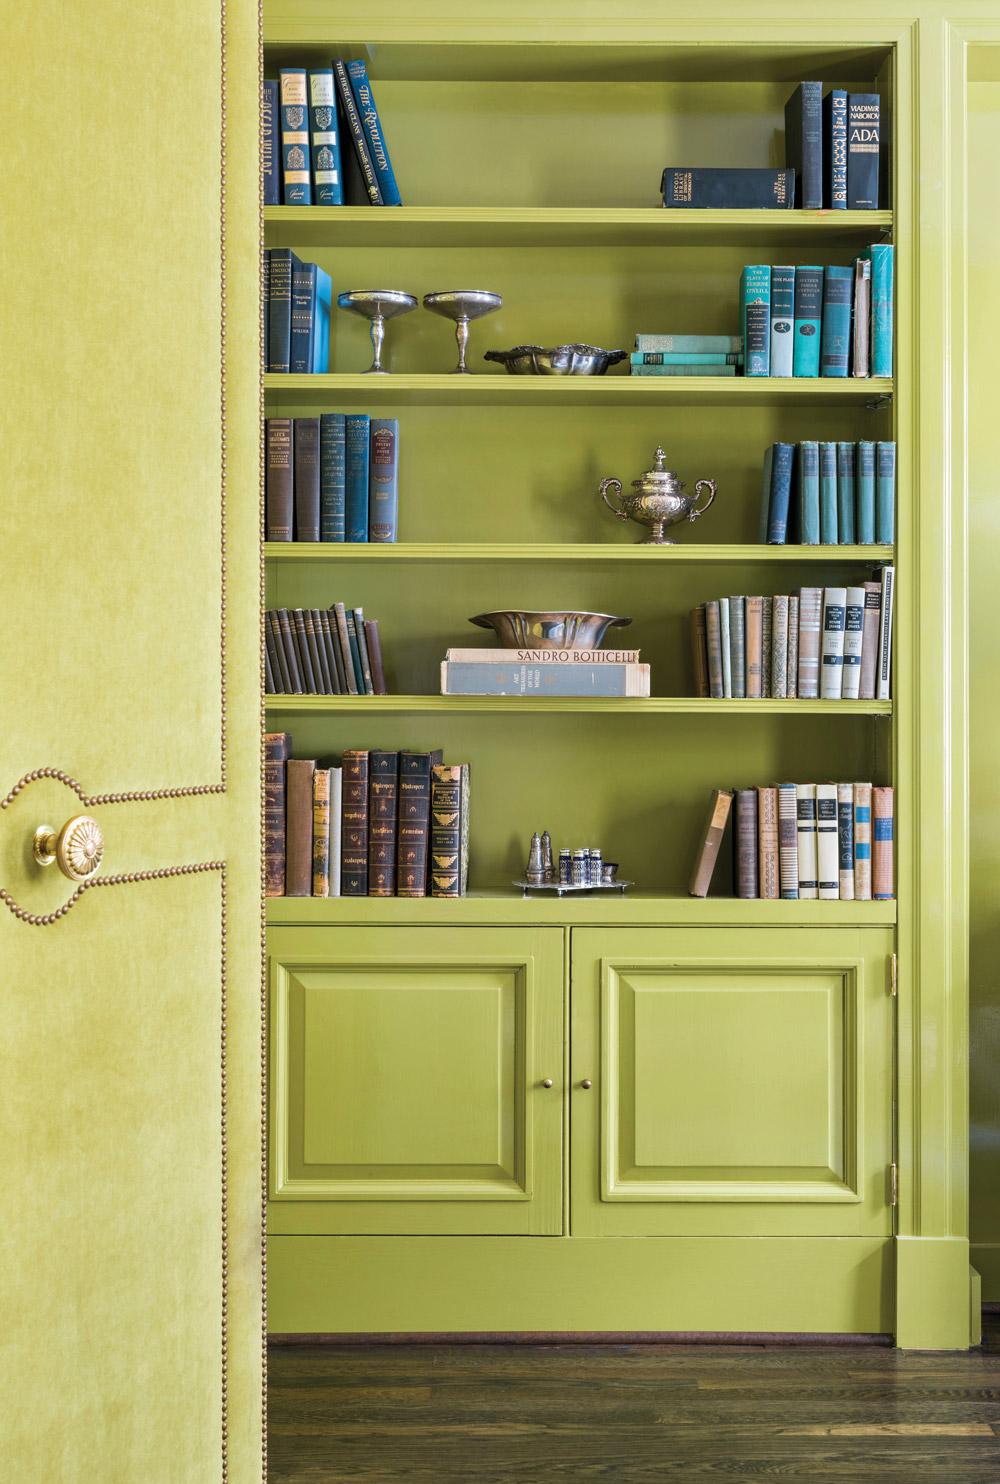 A lime green door upholstered in velvet